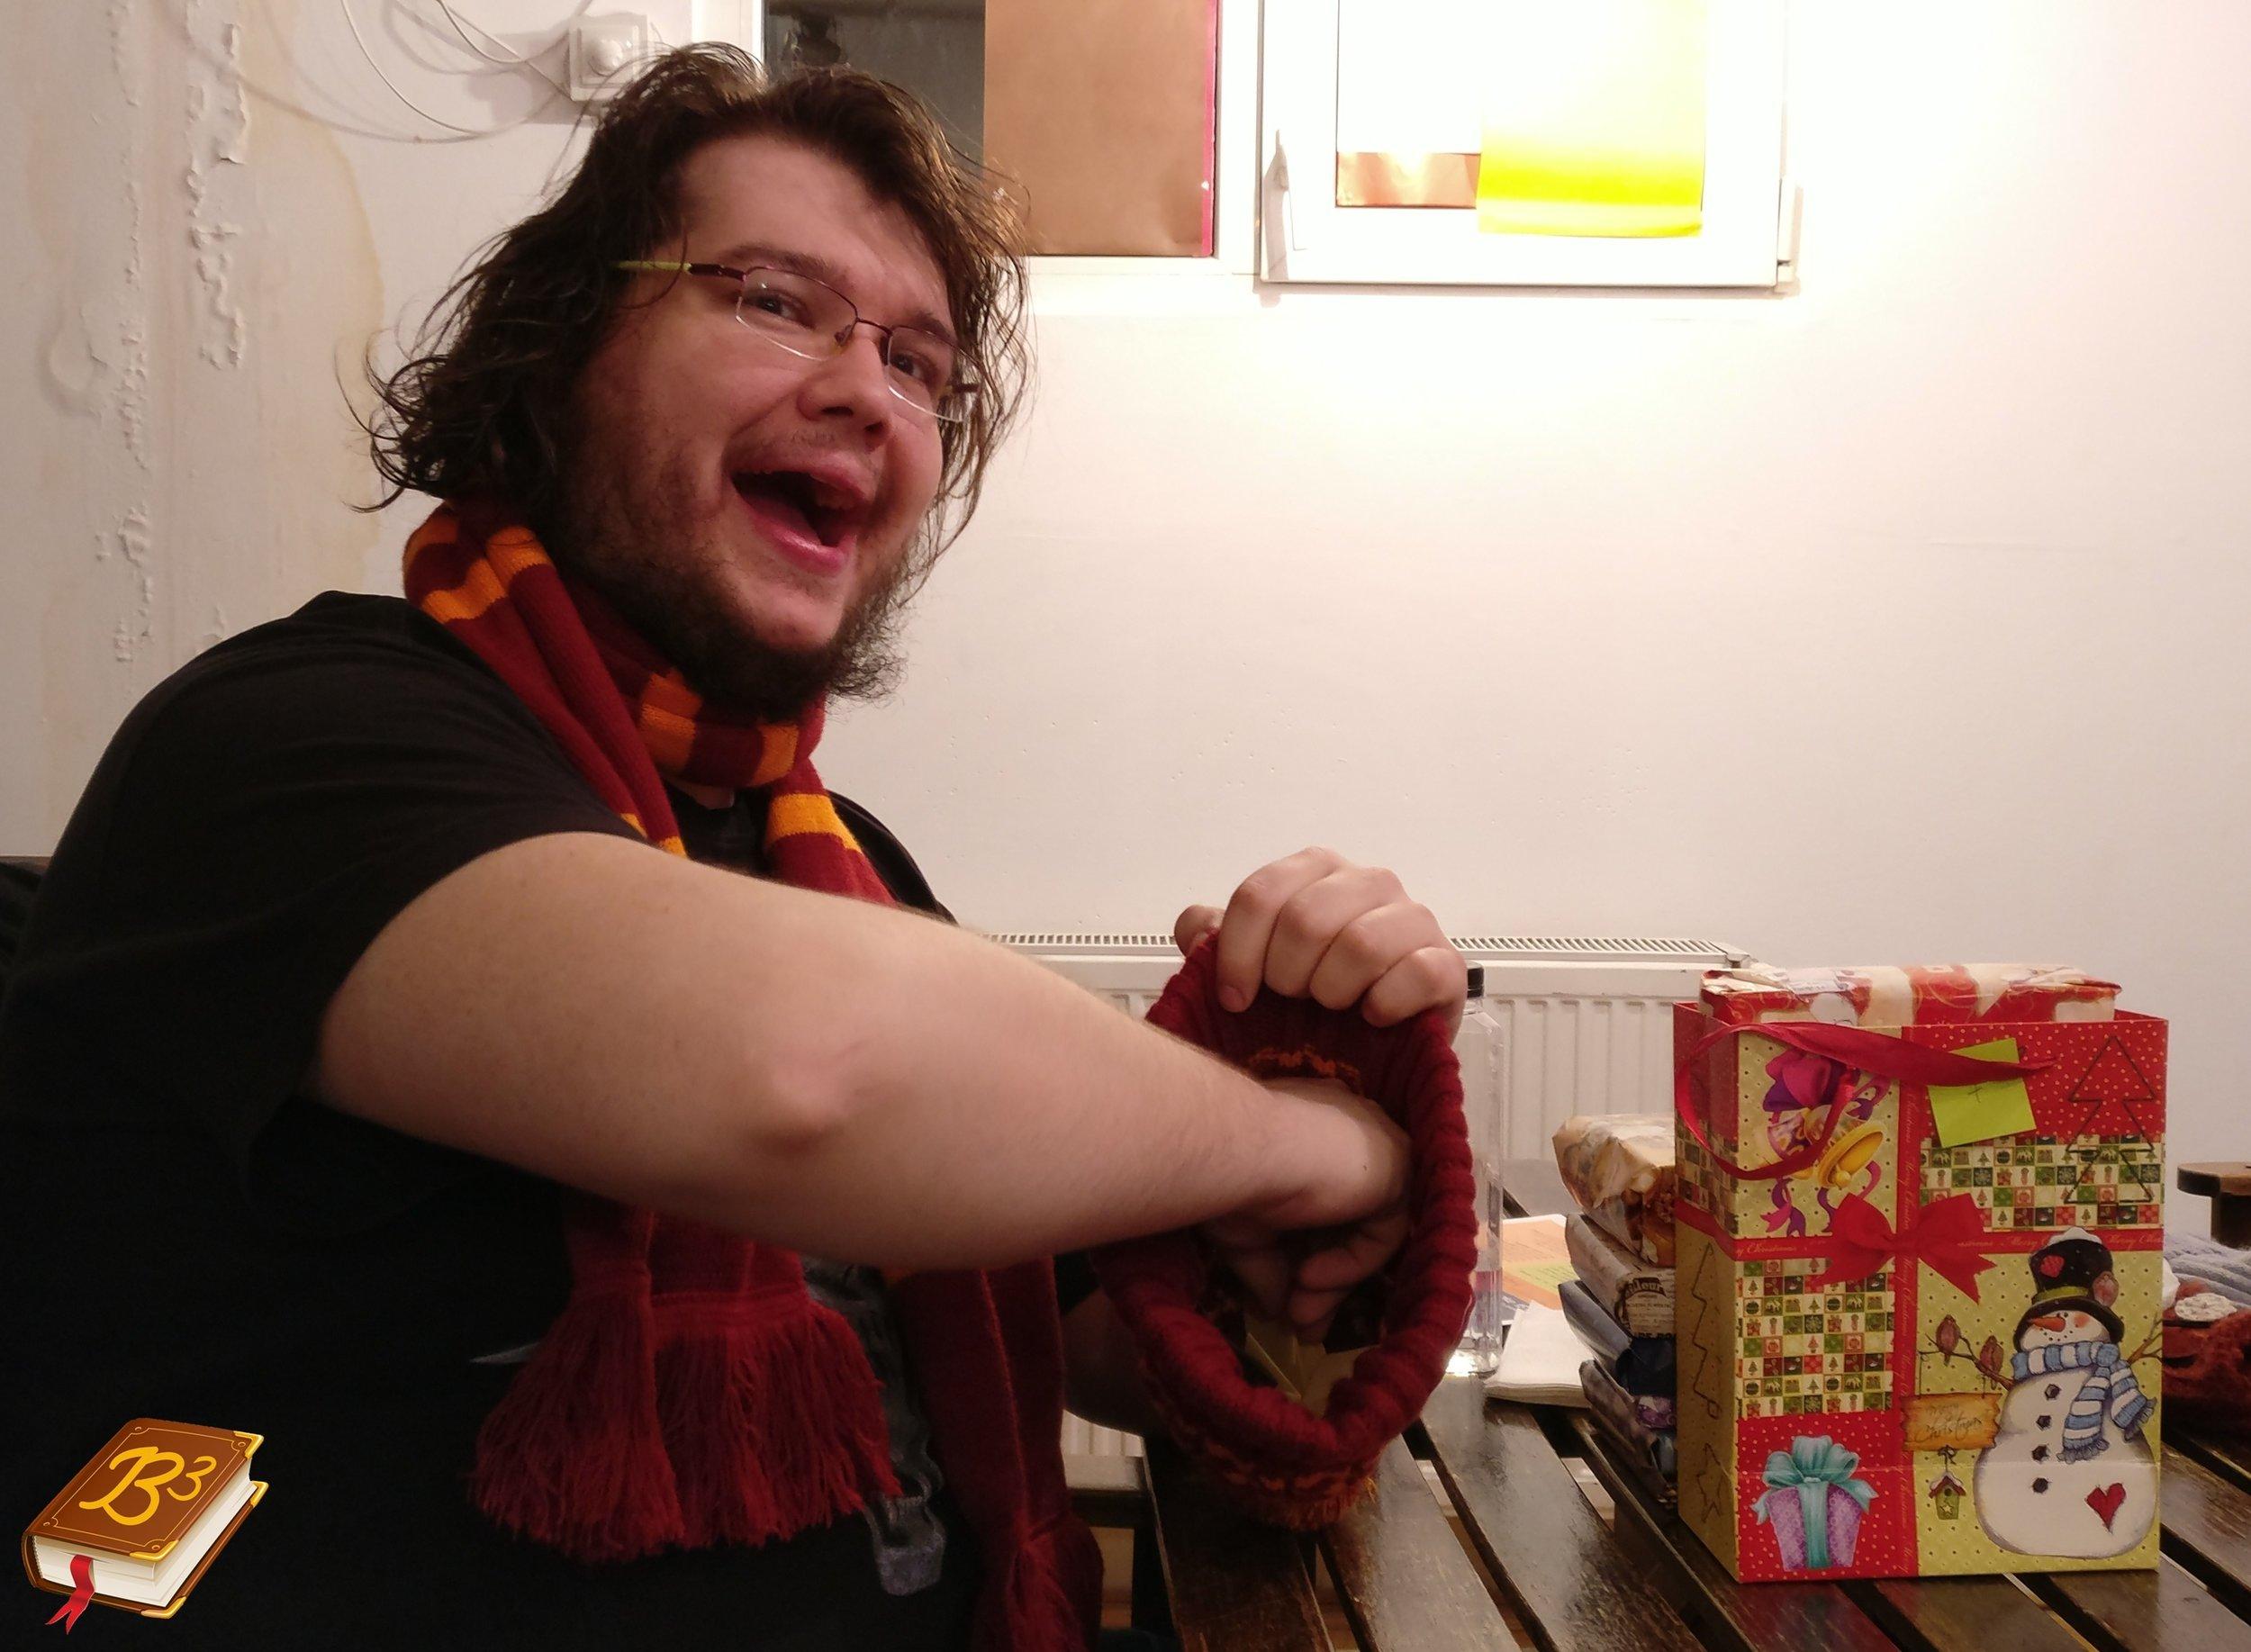 Când ești singurul bărbos de la masă, devii automat Moș Crăciun :)